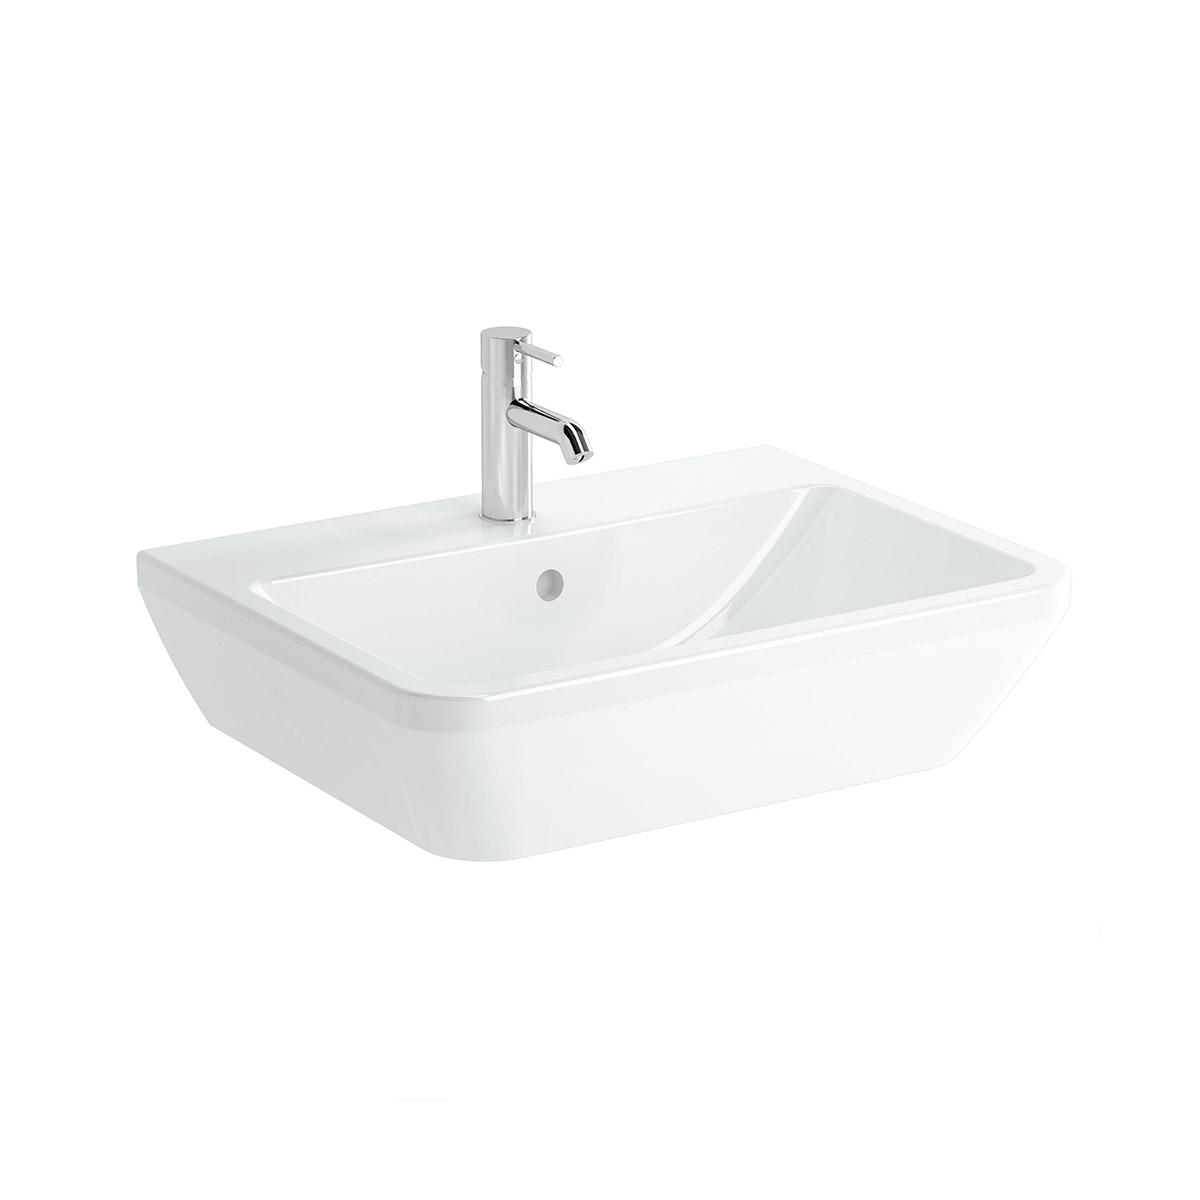 Integra Waschtisch, 65 cm, eckig, ohne Hahnloch, ohne Überlaufloch, Weiß, VitrA Clean